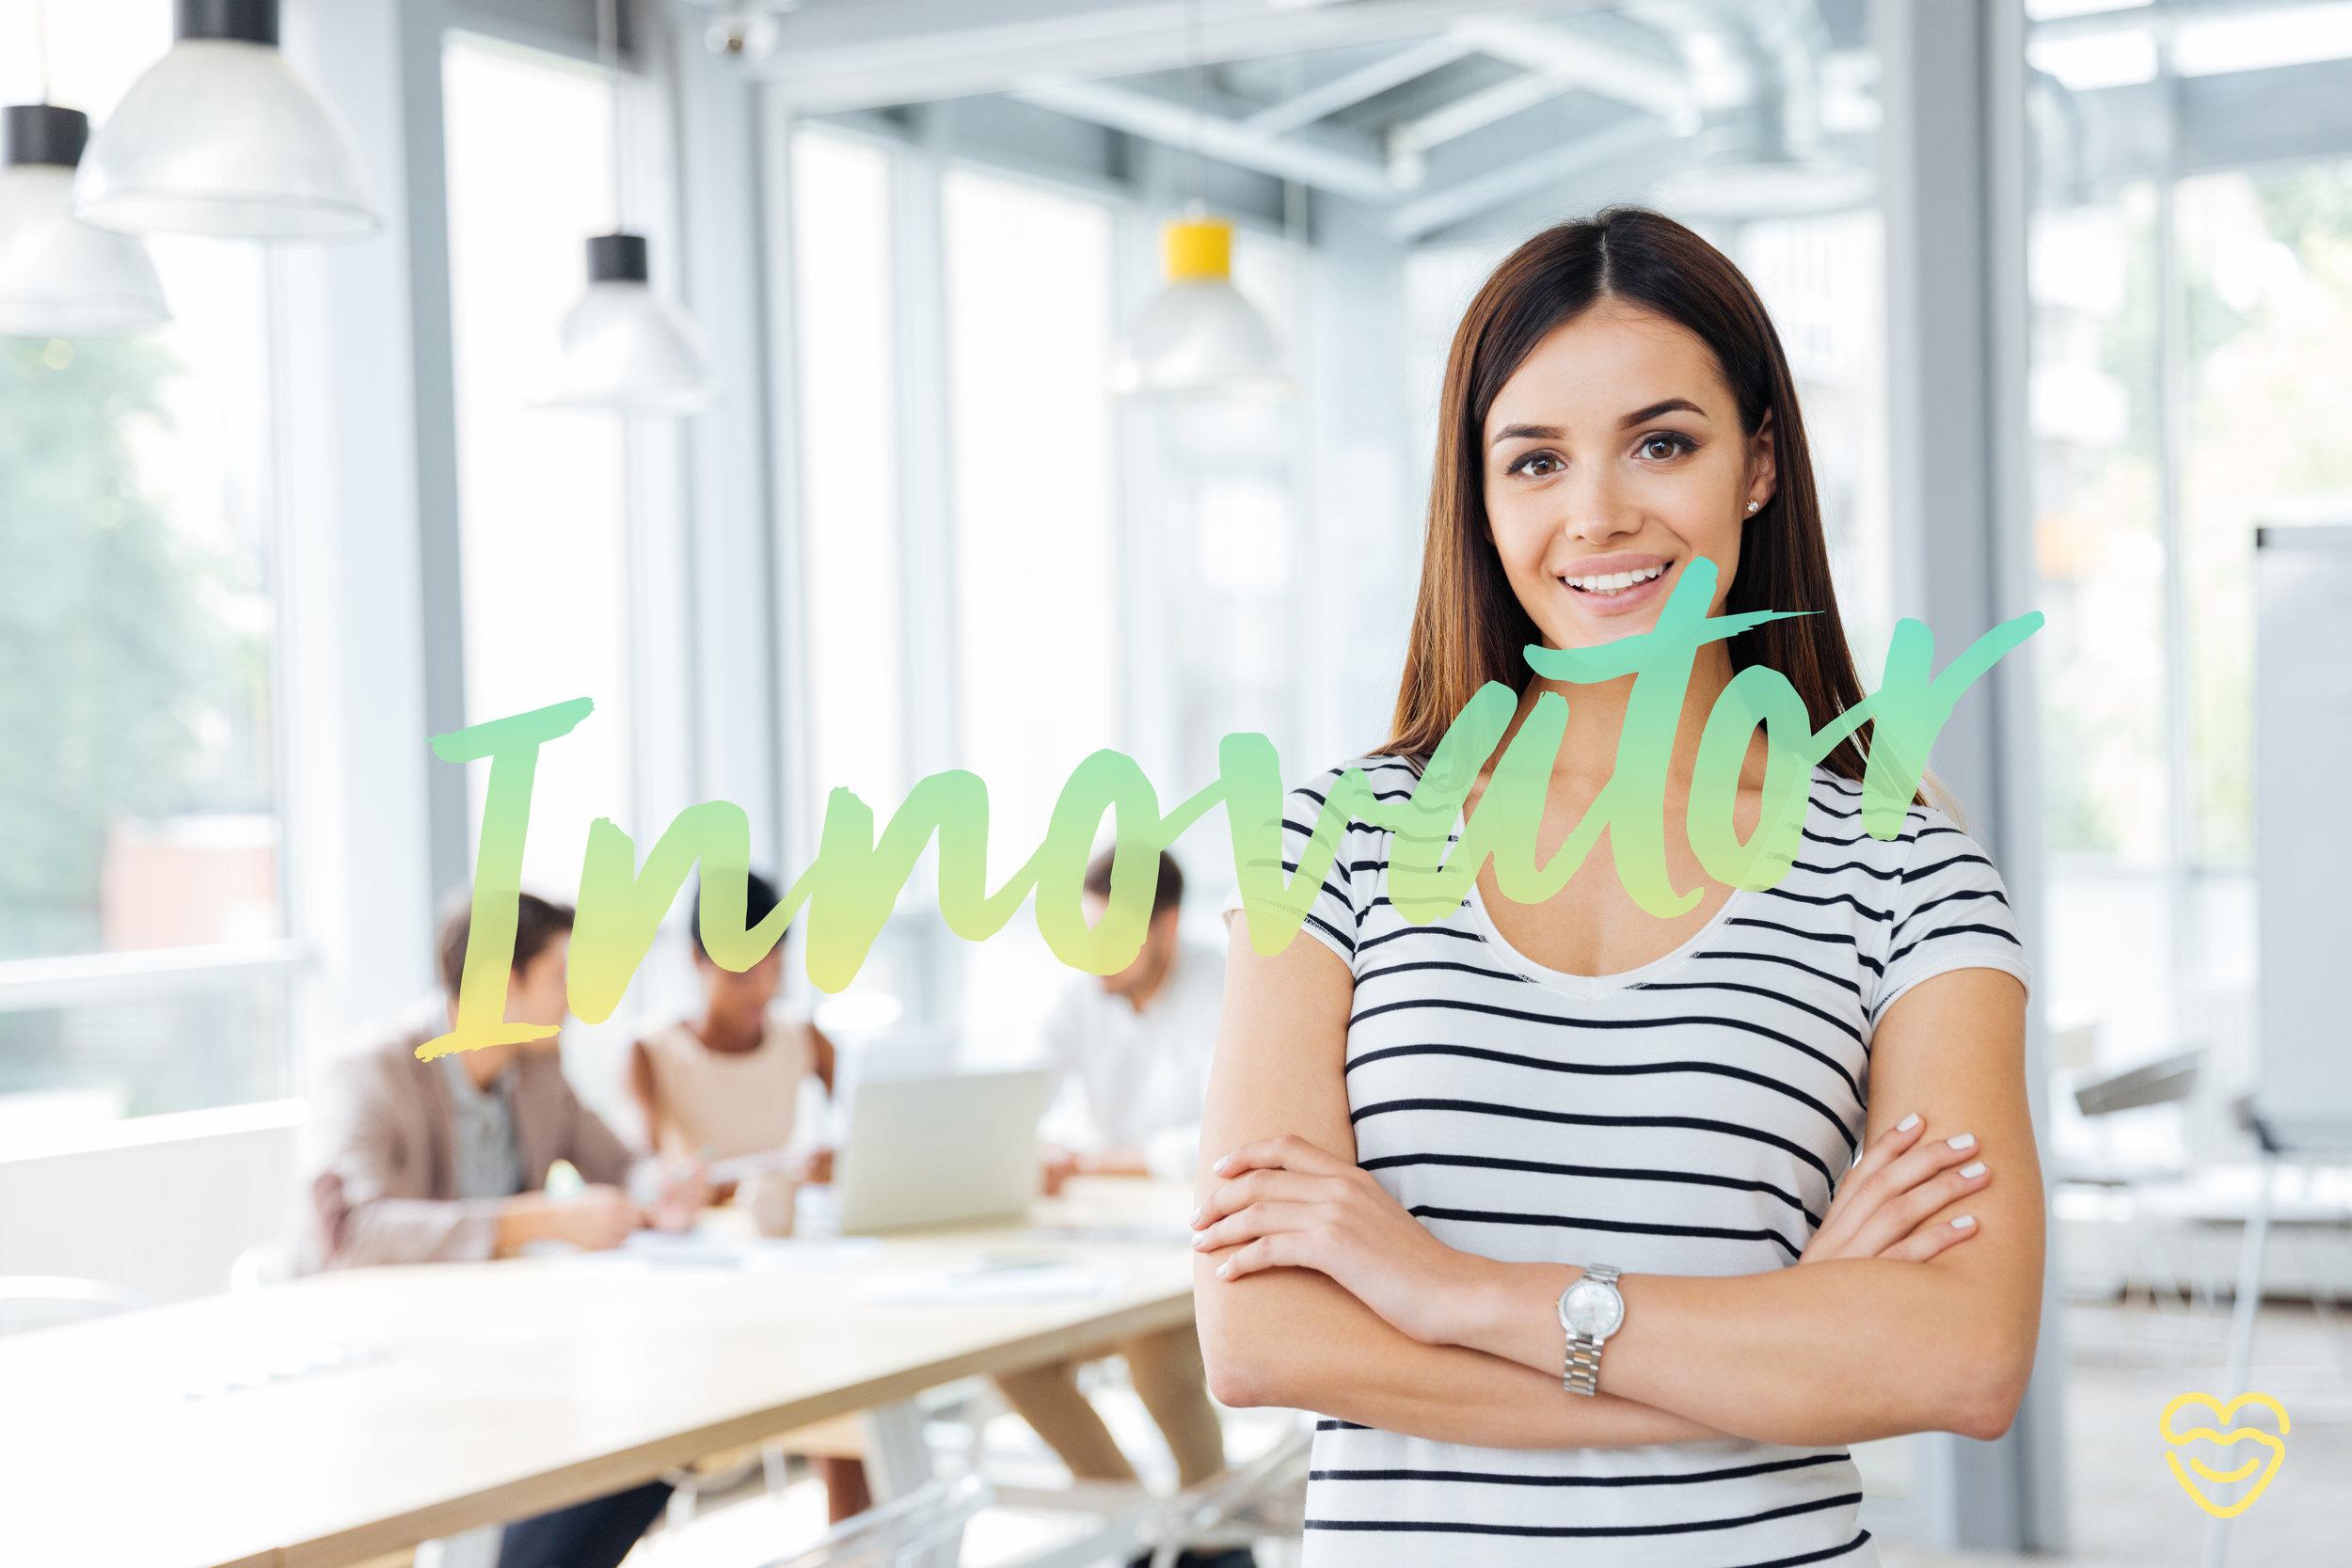 HW_Blog_Innovator1.jpg